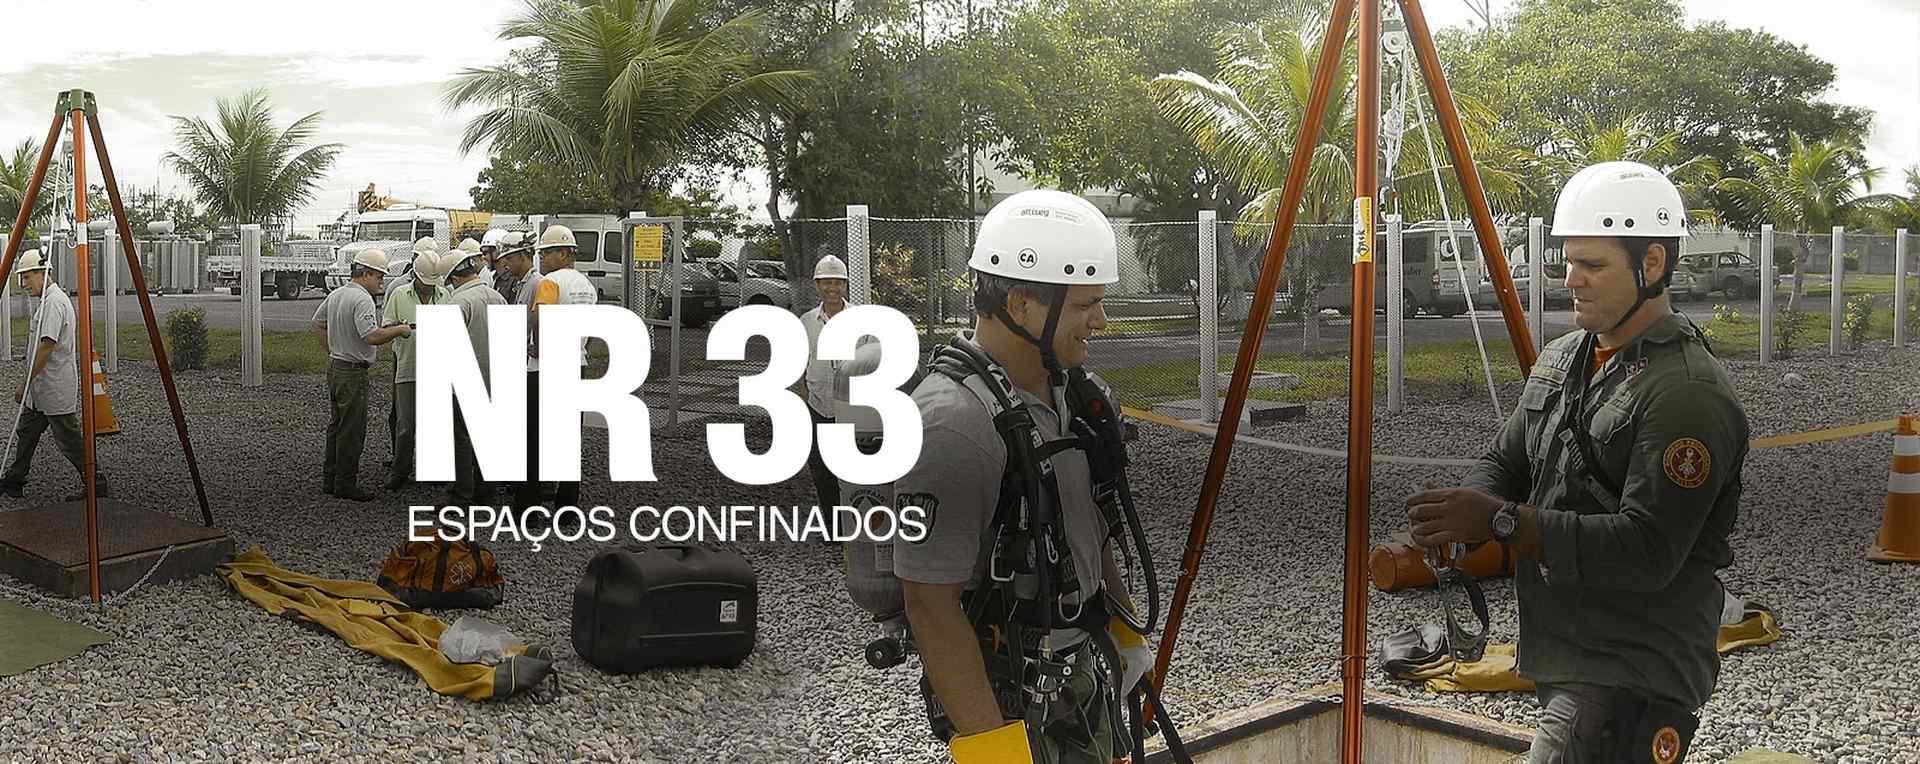 NR33 - Espaço confinado